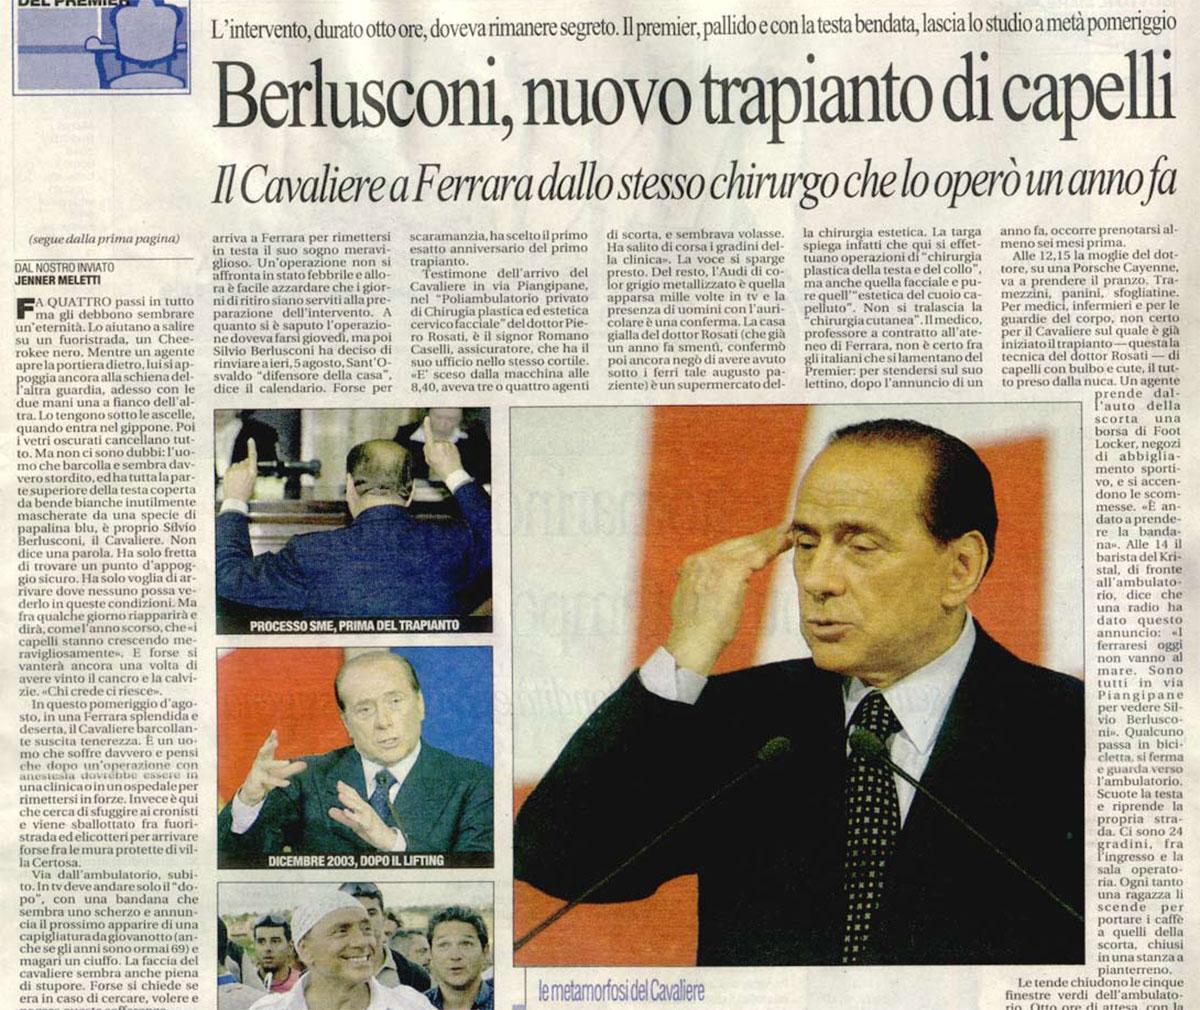 Berlusconi - Il nuovo trapianto di capelli del Cavaliere - La Repubblica